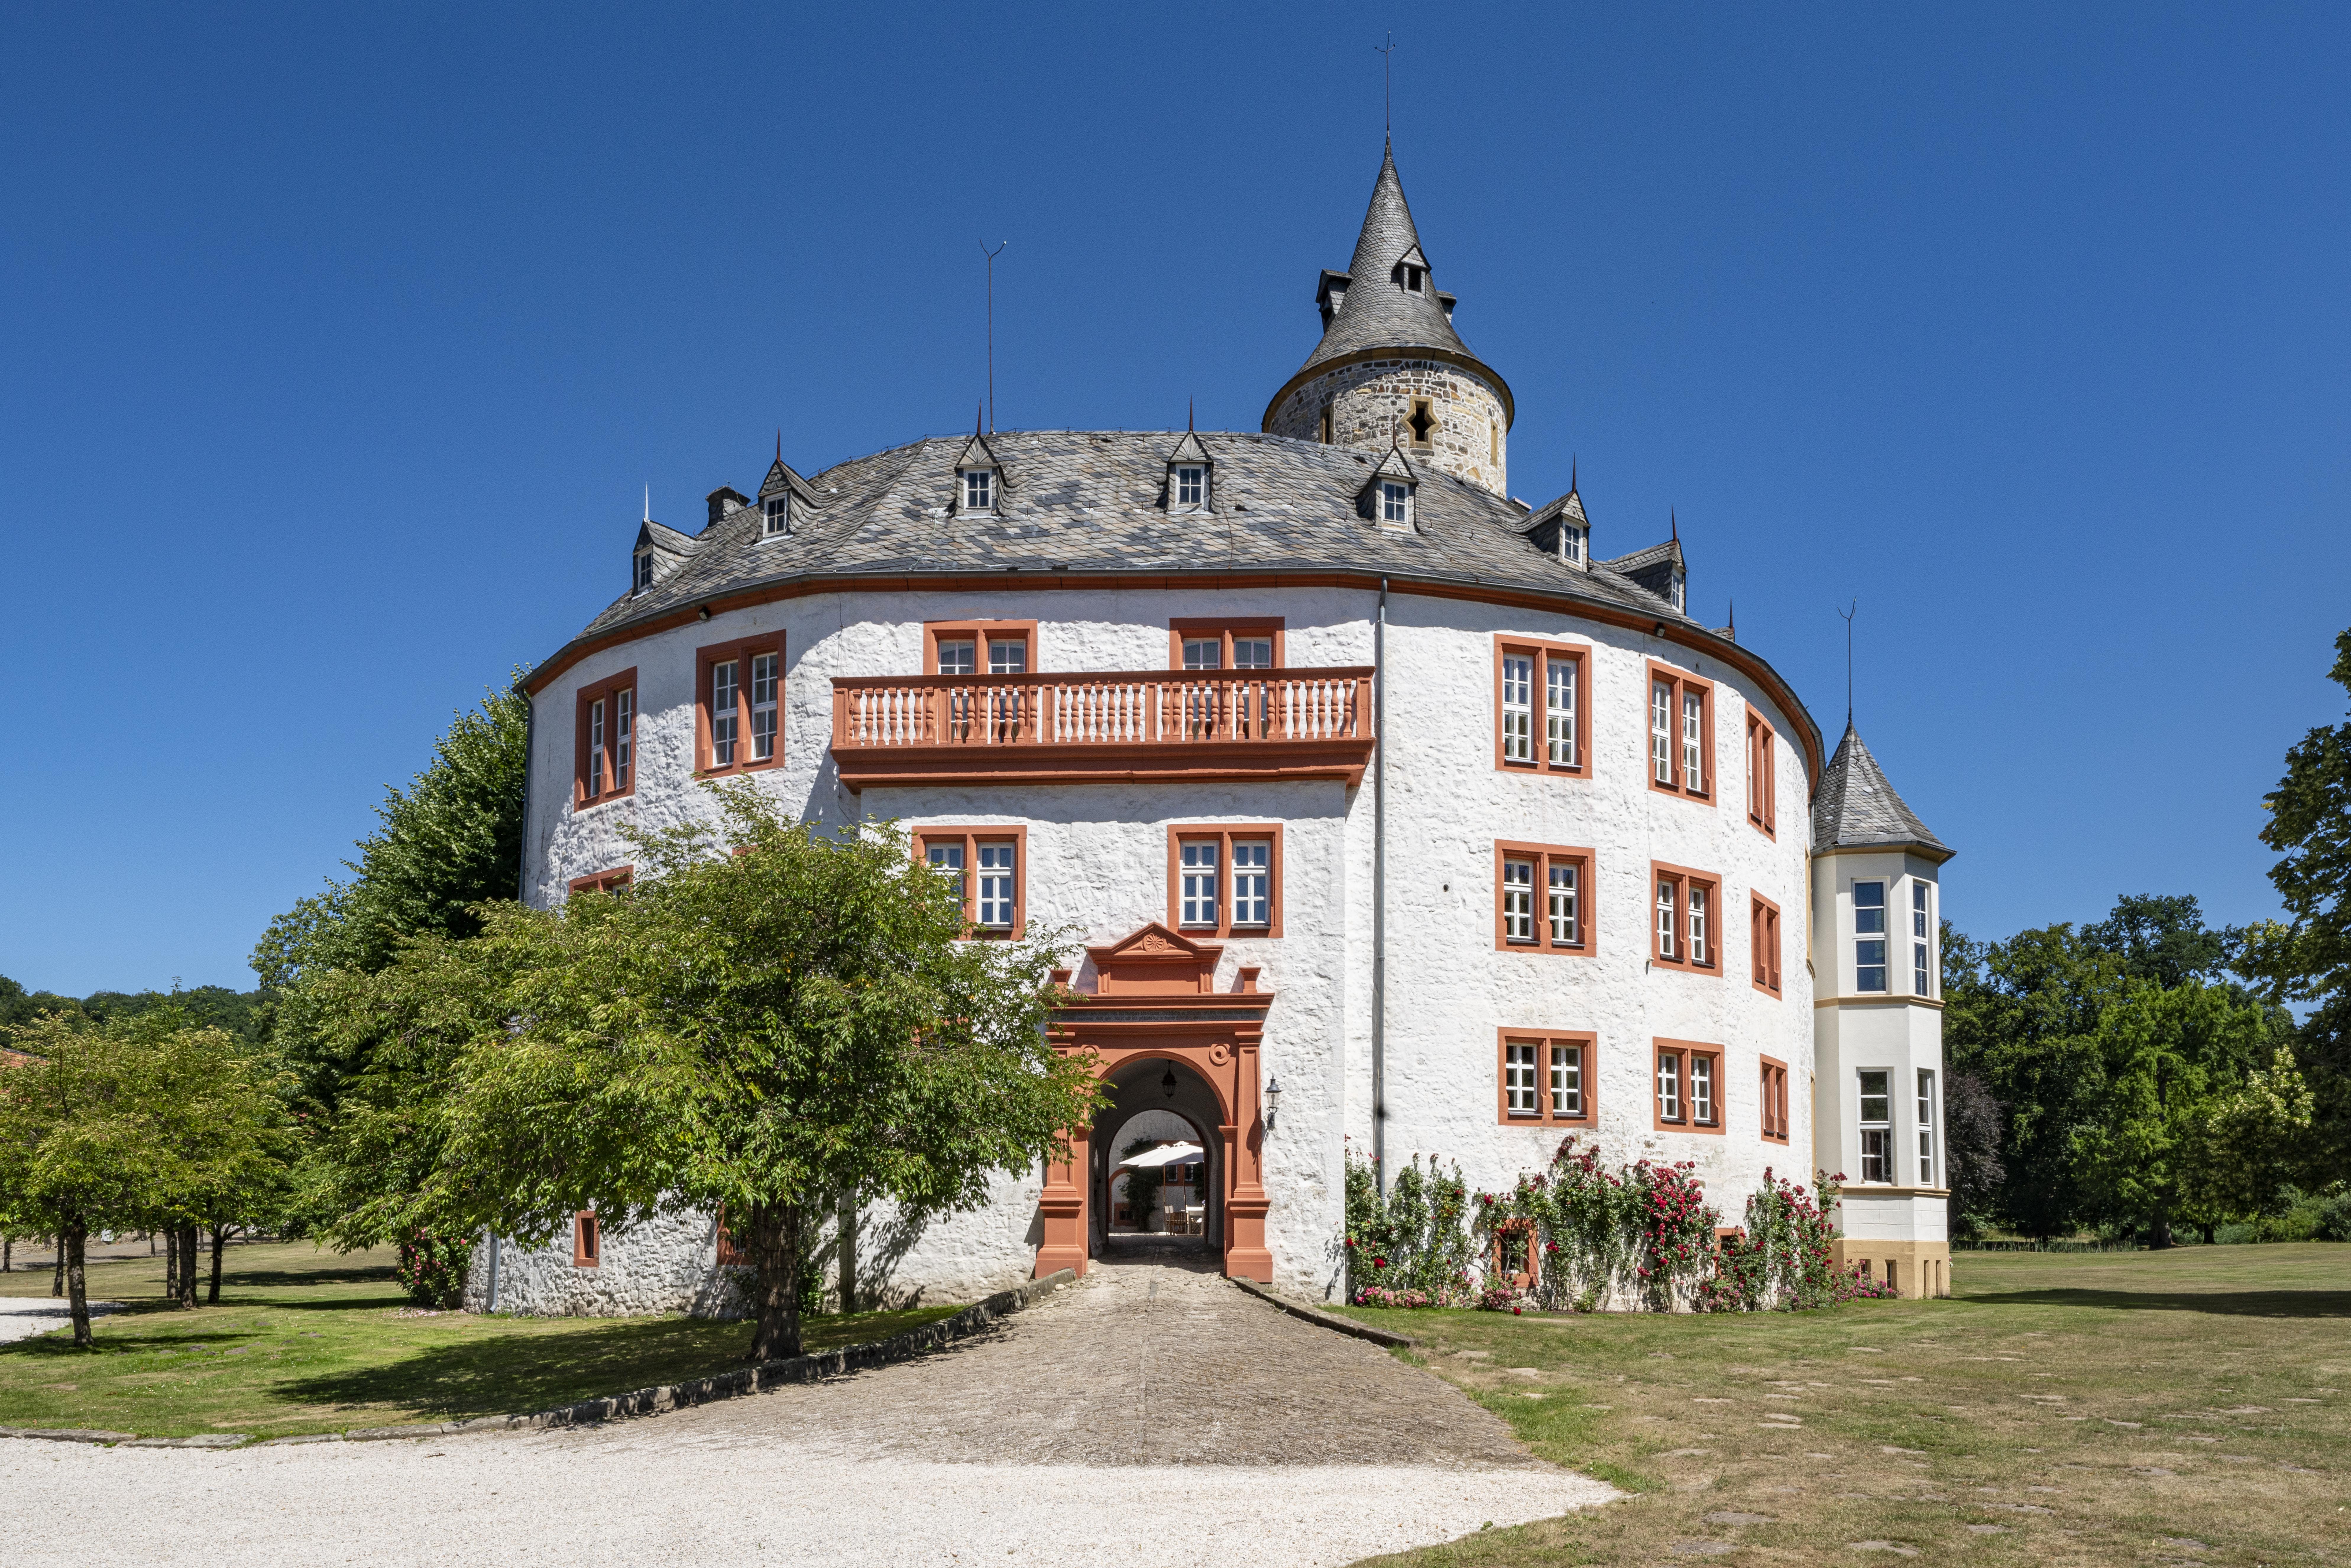 Foto Schloss Oelber - Jahresrückblick 2019 von C.H.EVENTS